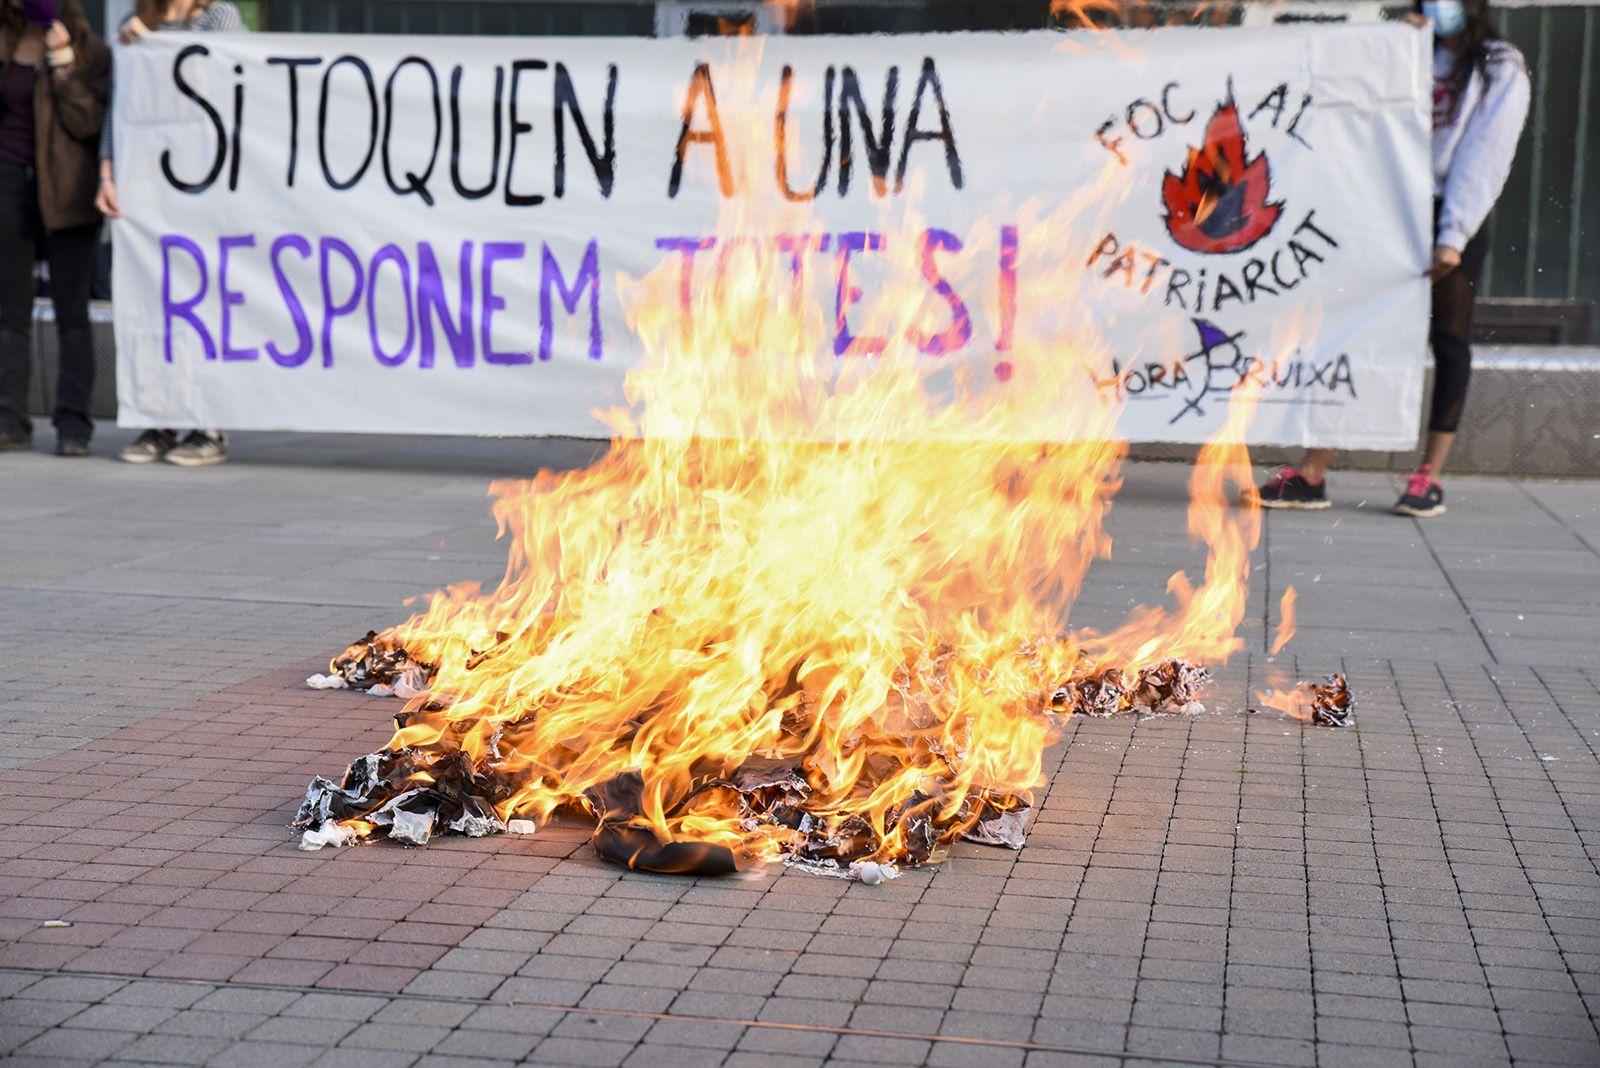 Concentració feminista denuncia l'abús sexual a una menor. Fotos Bernat Millet 18